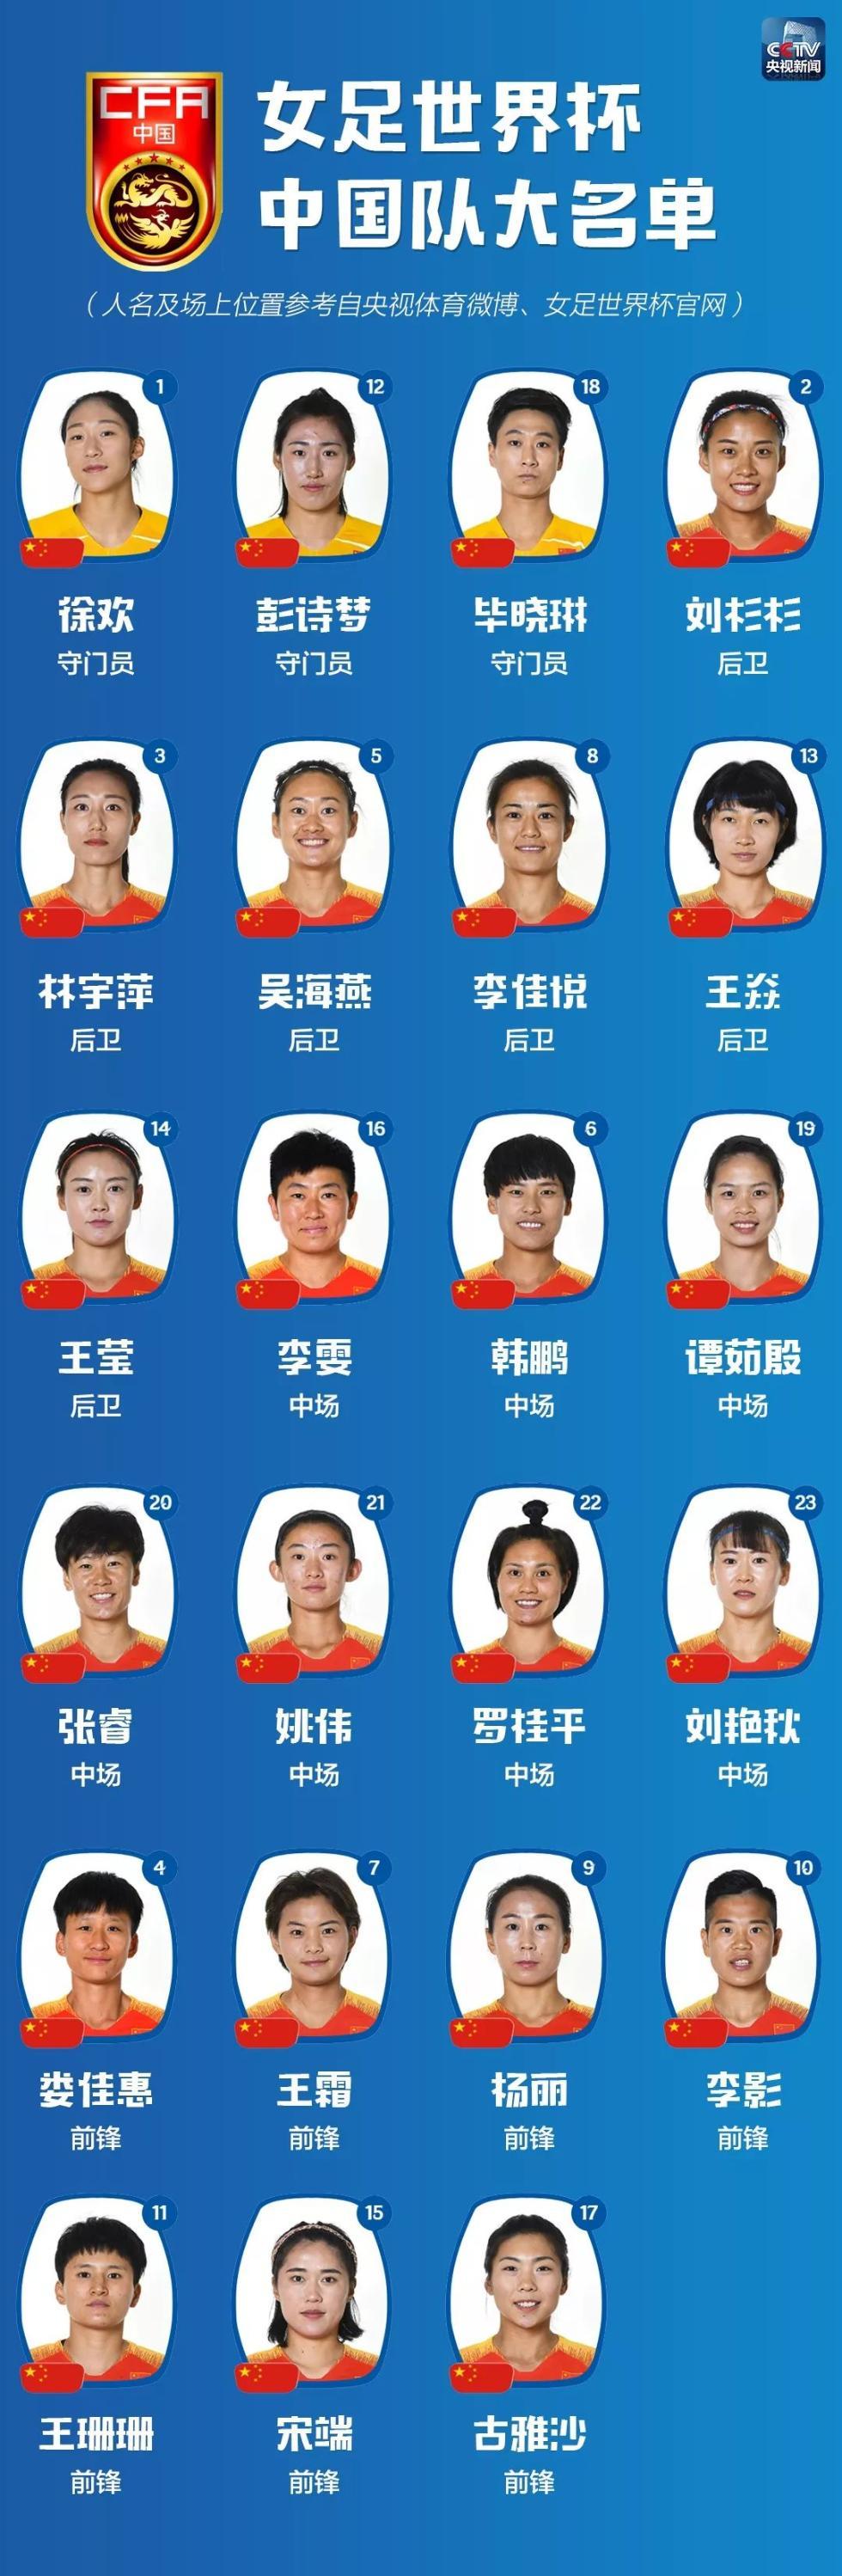 你好世界杯,中国女足来了!